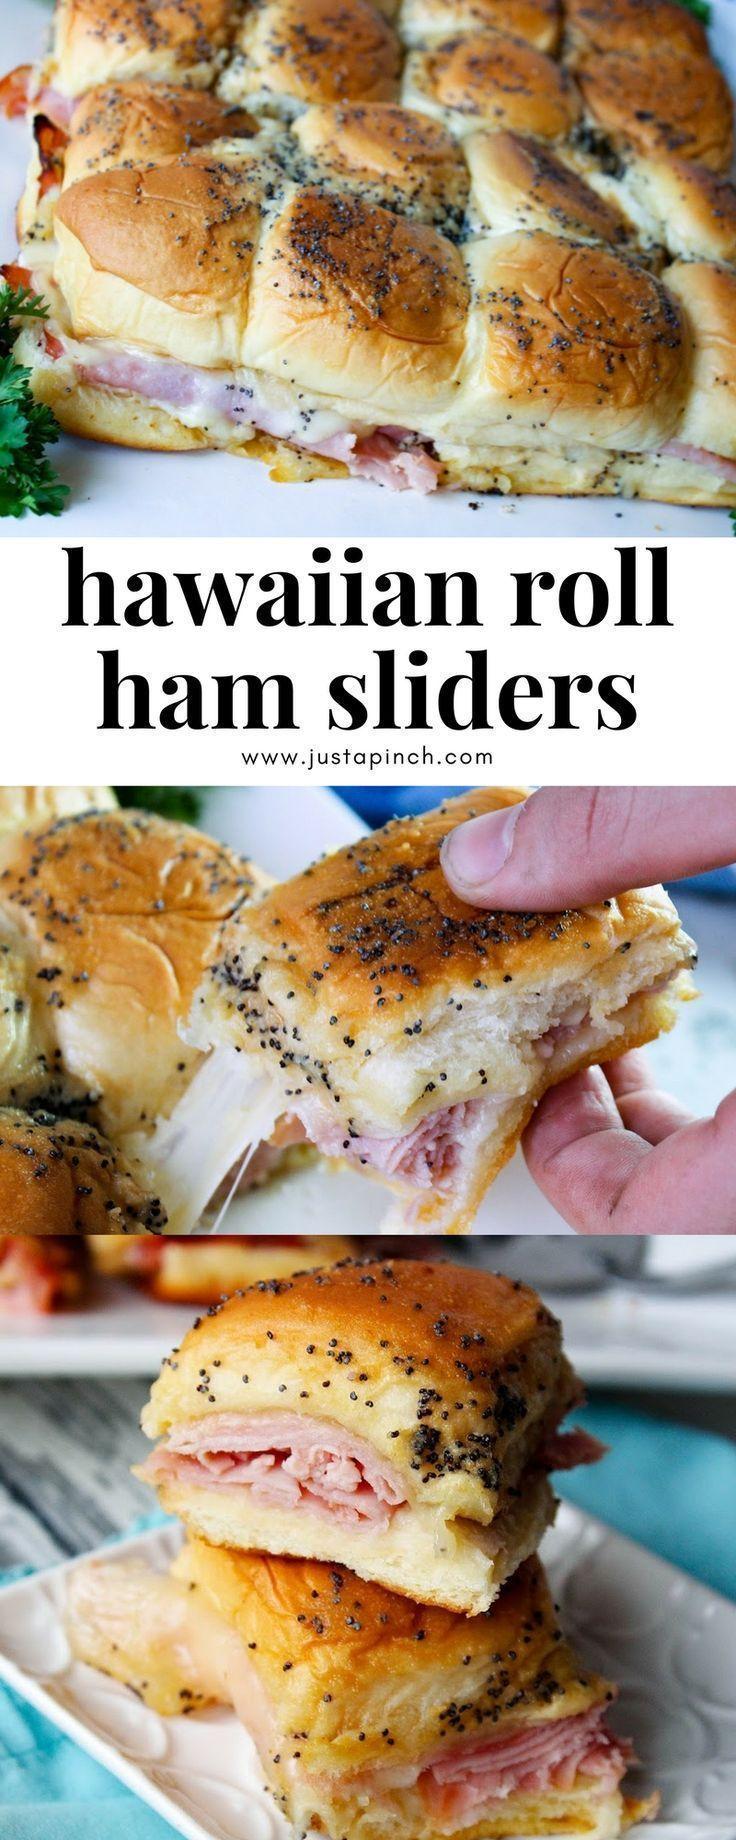 Hawaiian Roll Ham Sliders Just A Pinch Recipes